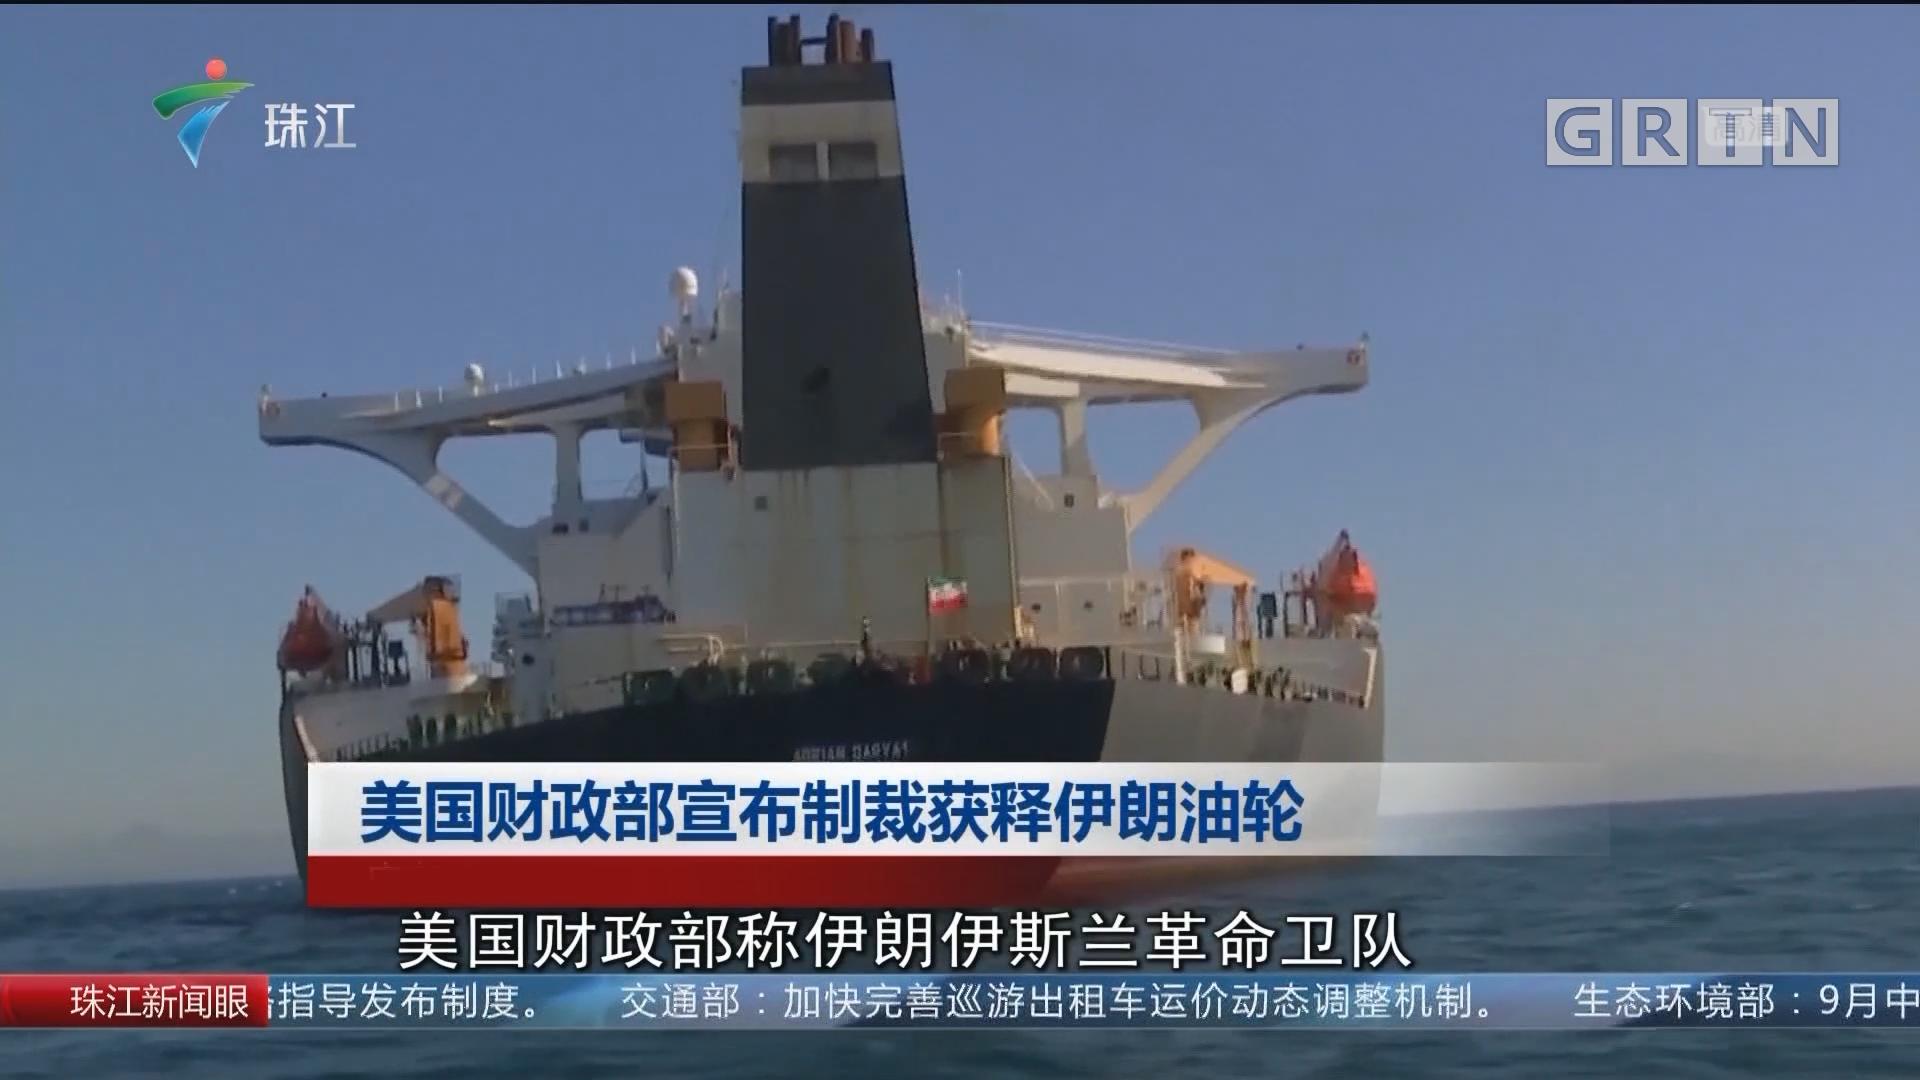 美国财政部宣布制裁获释伊朗油轮